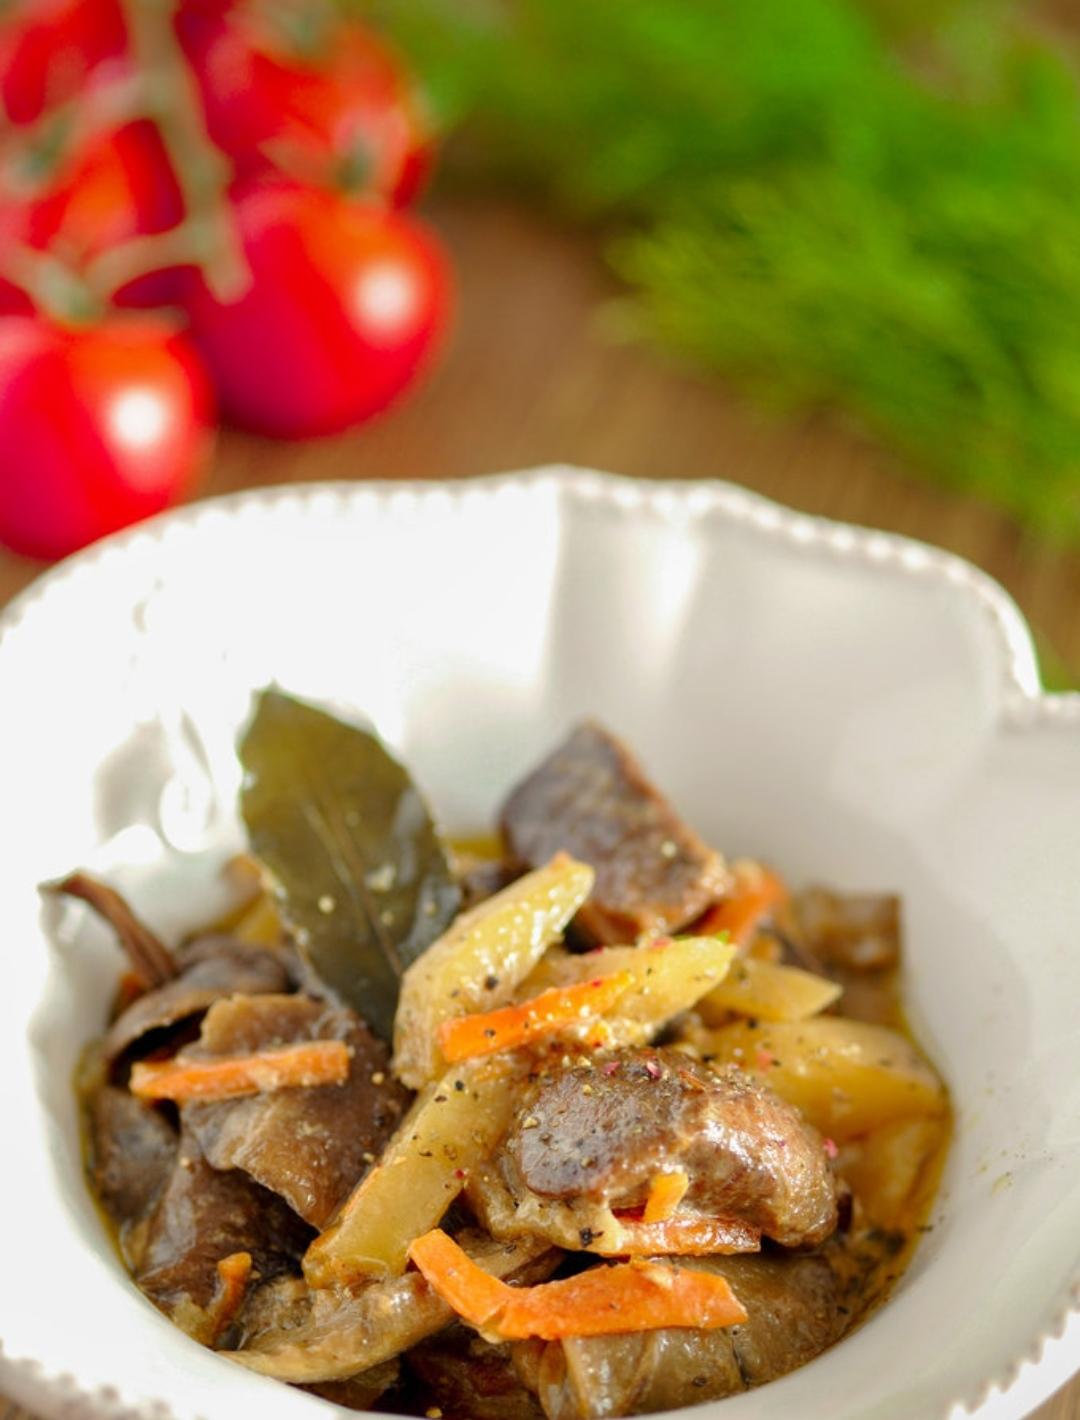 Roast beef with mushrooms